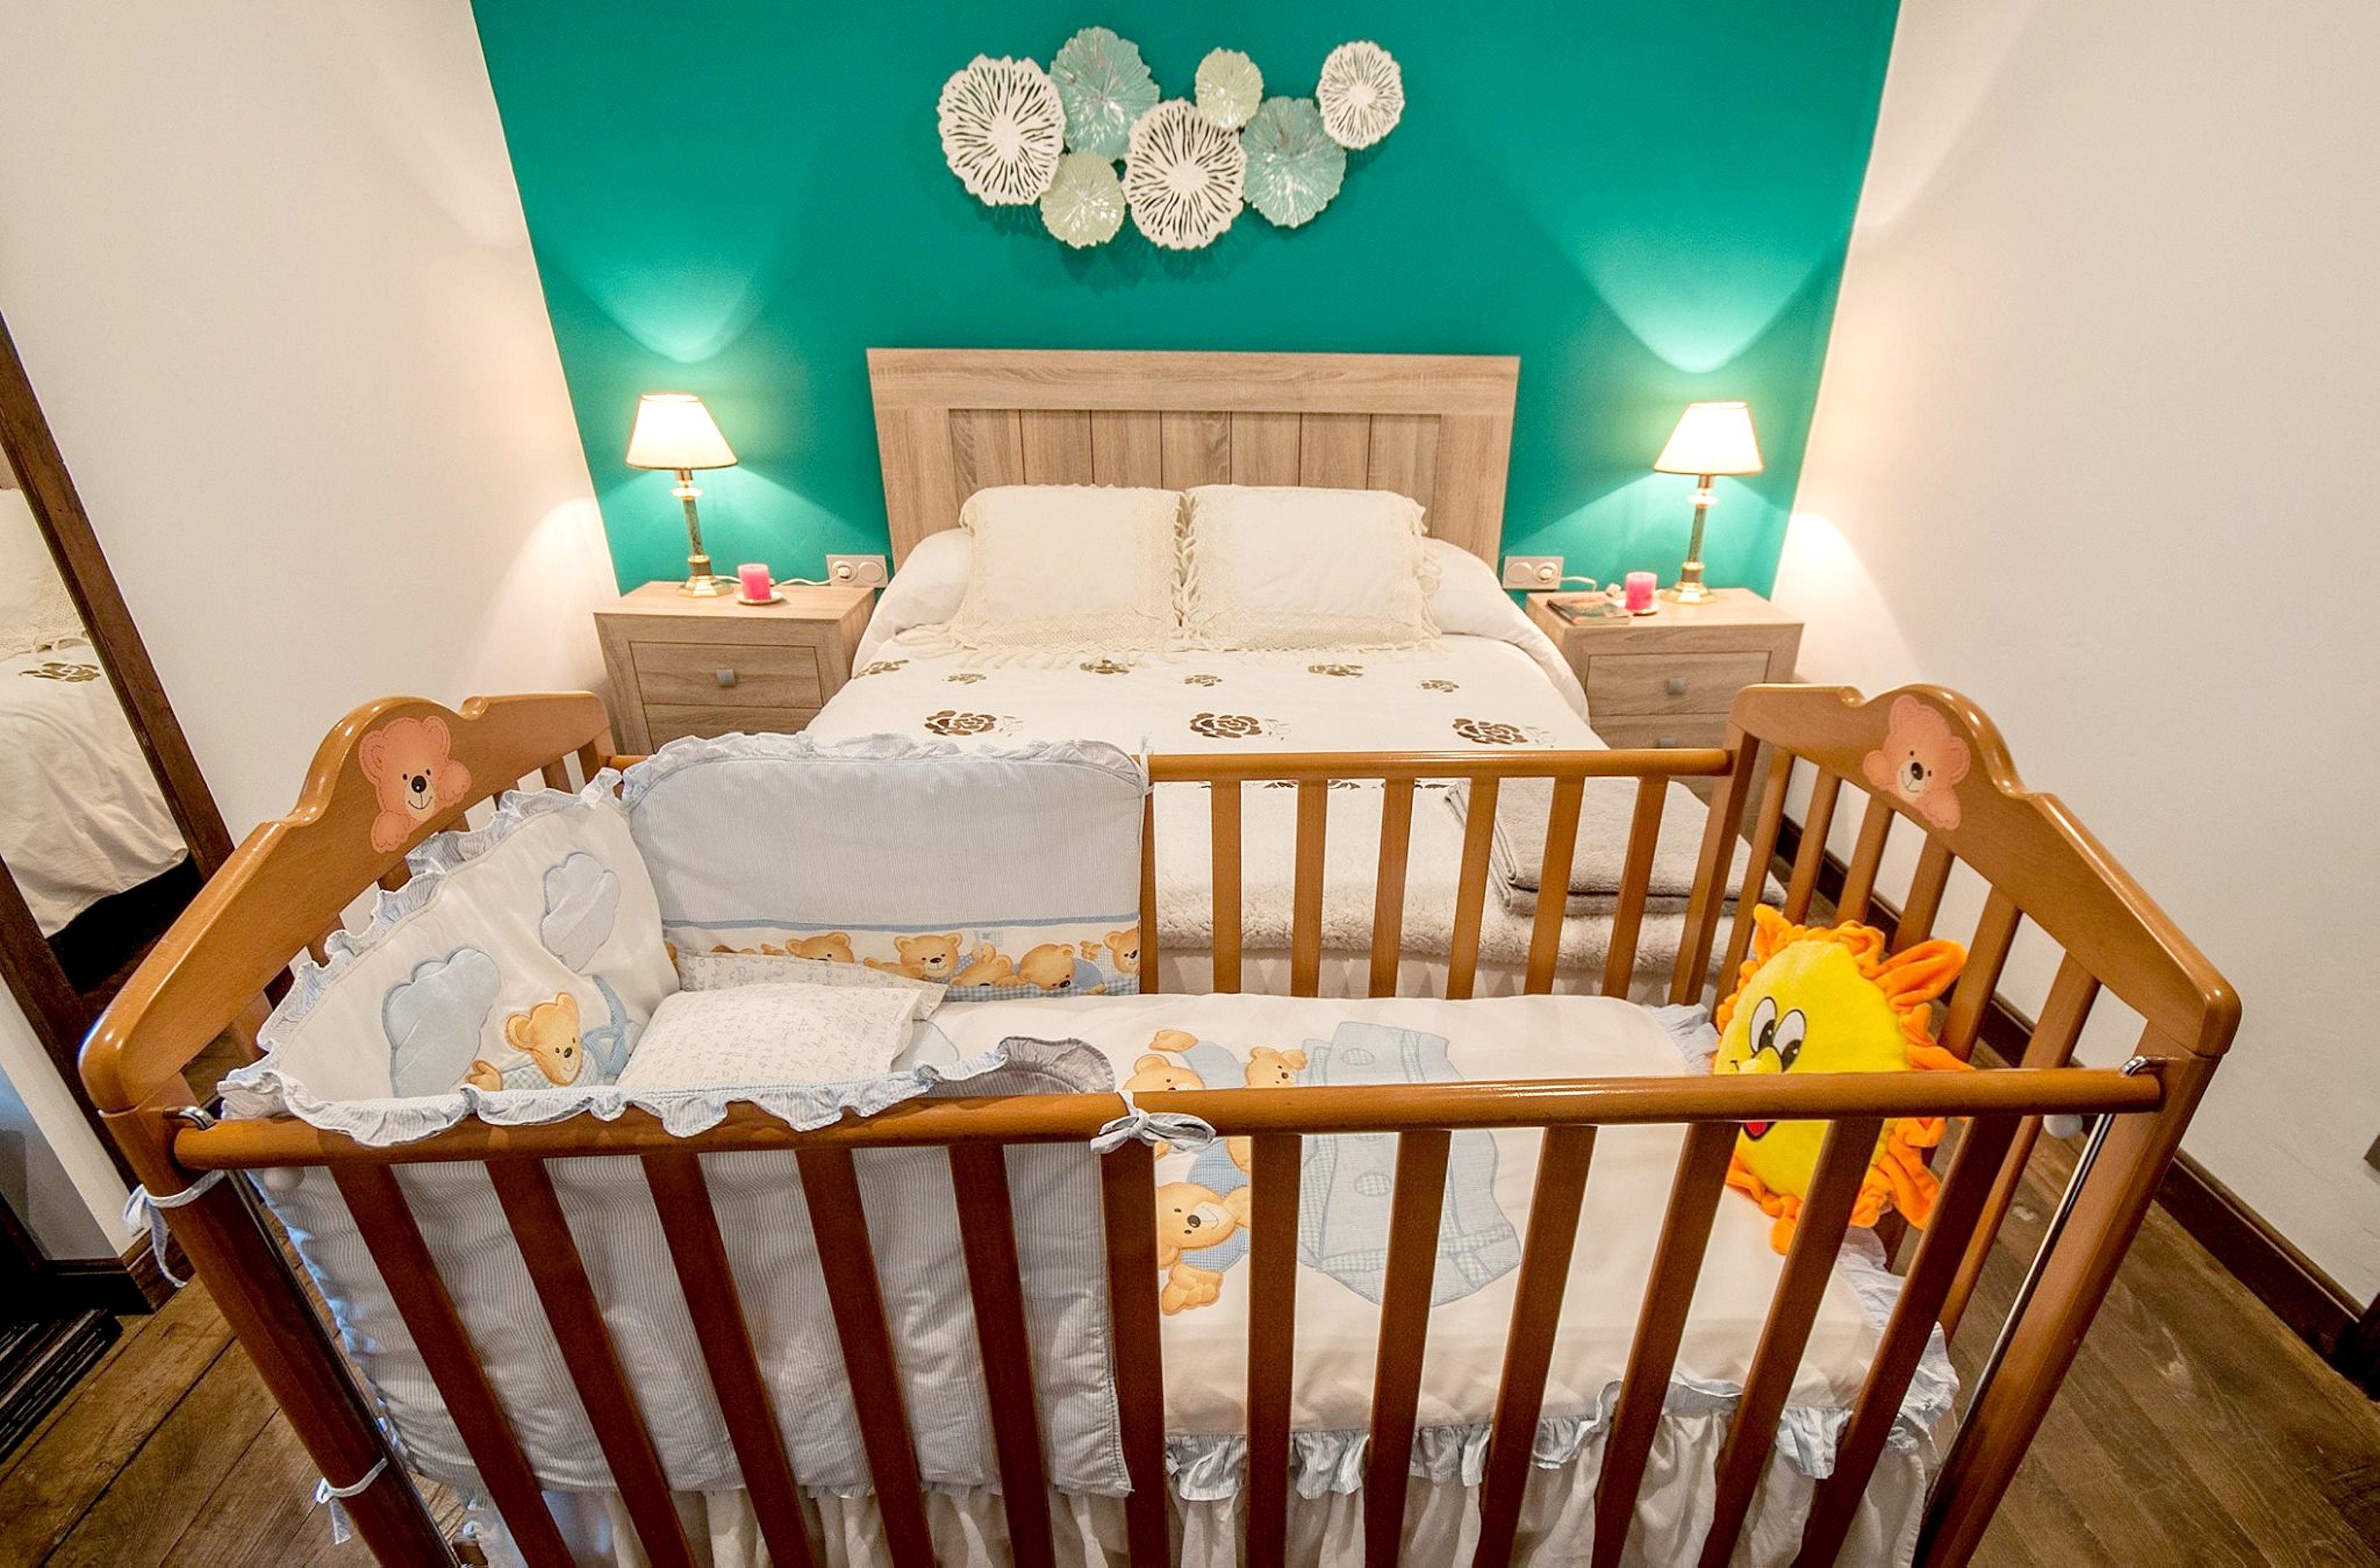 Ferienhaus Haus mit 5 Schlafzimmern in Baráibar mit toller Aussicht auf die Berge, möbliertem Garten  (2541138), Baraibar, , Navarra, Spanien, Bild 7